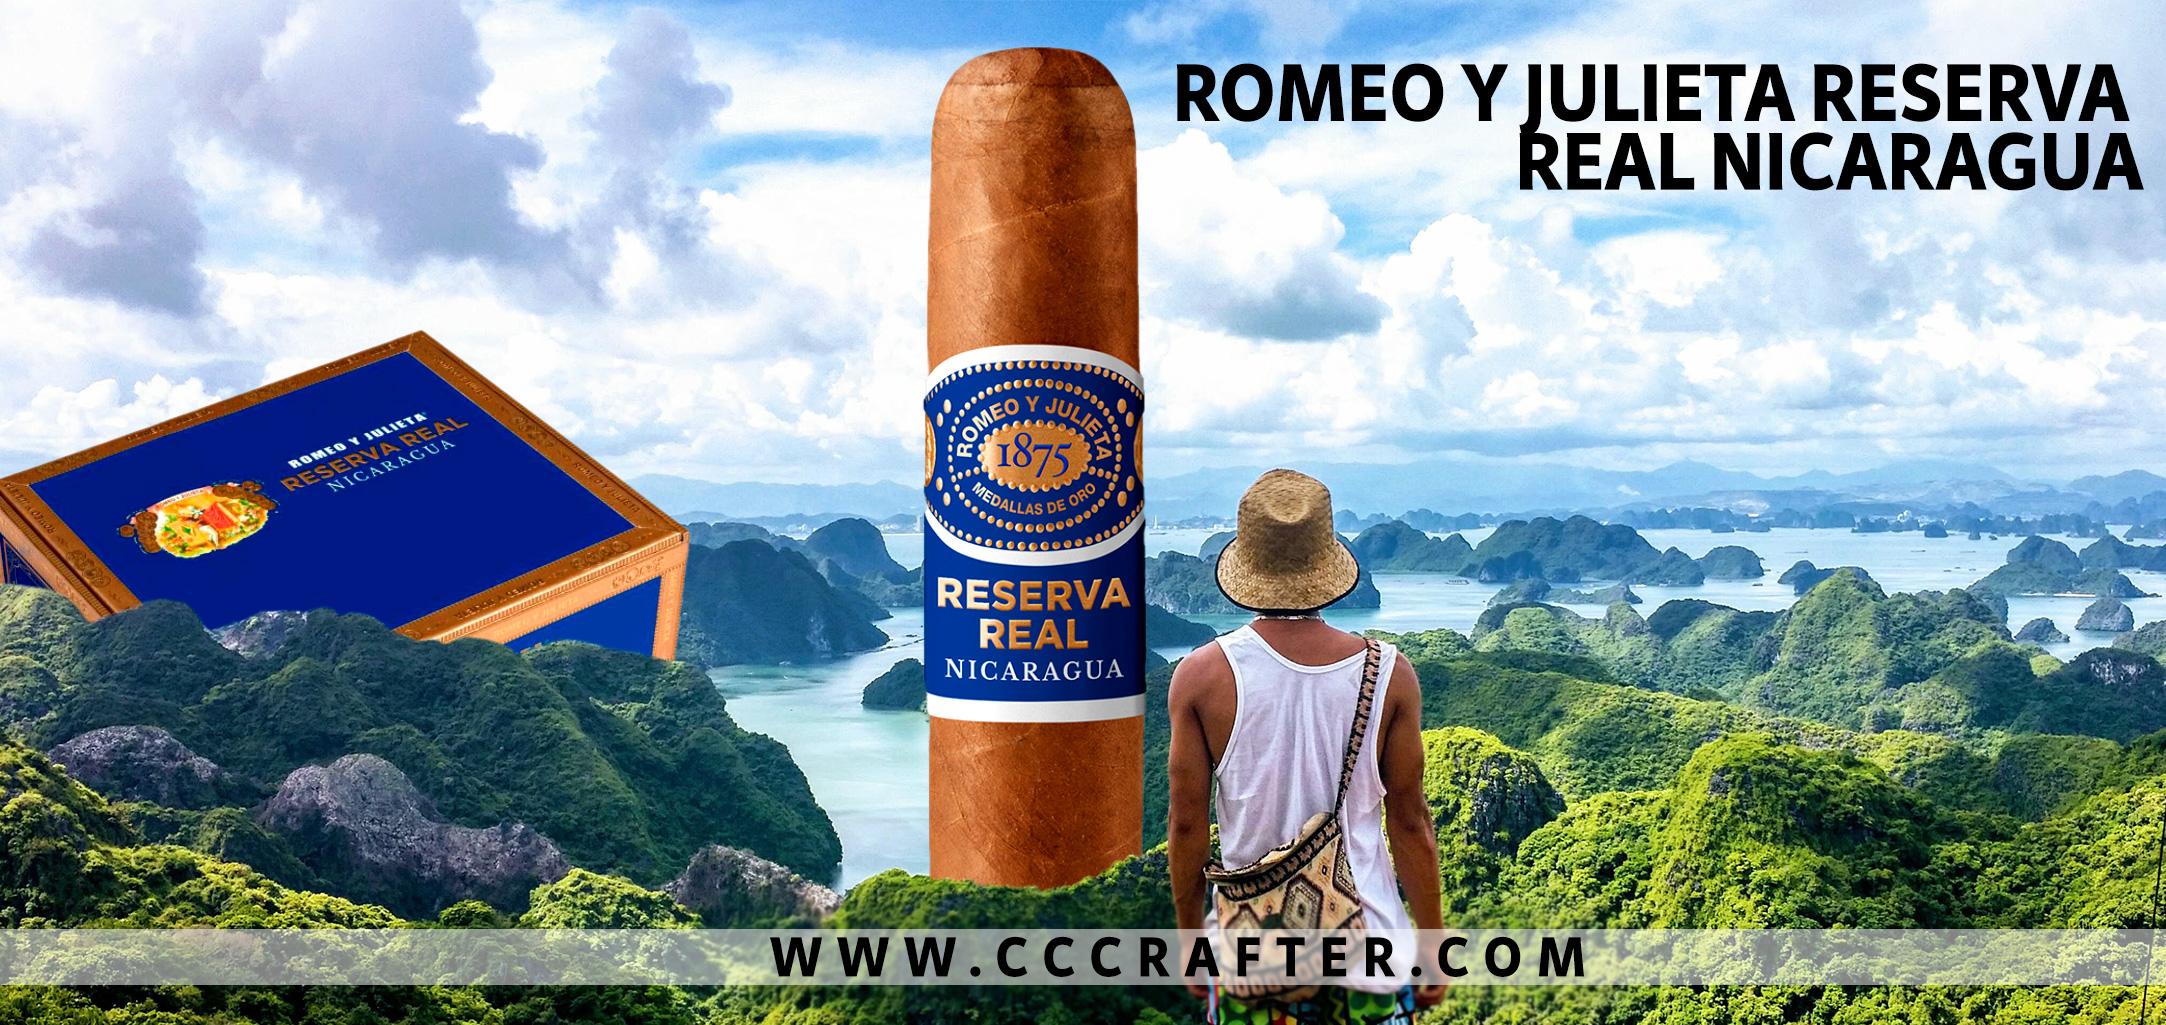 romeo-y-julieta-reserva-real-nicaragua-banner.jpg